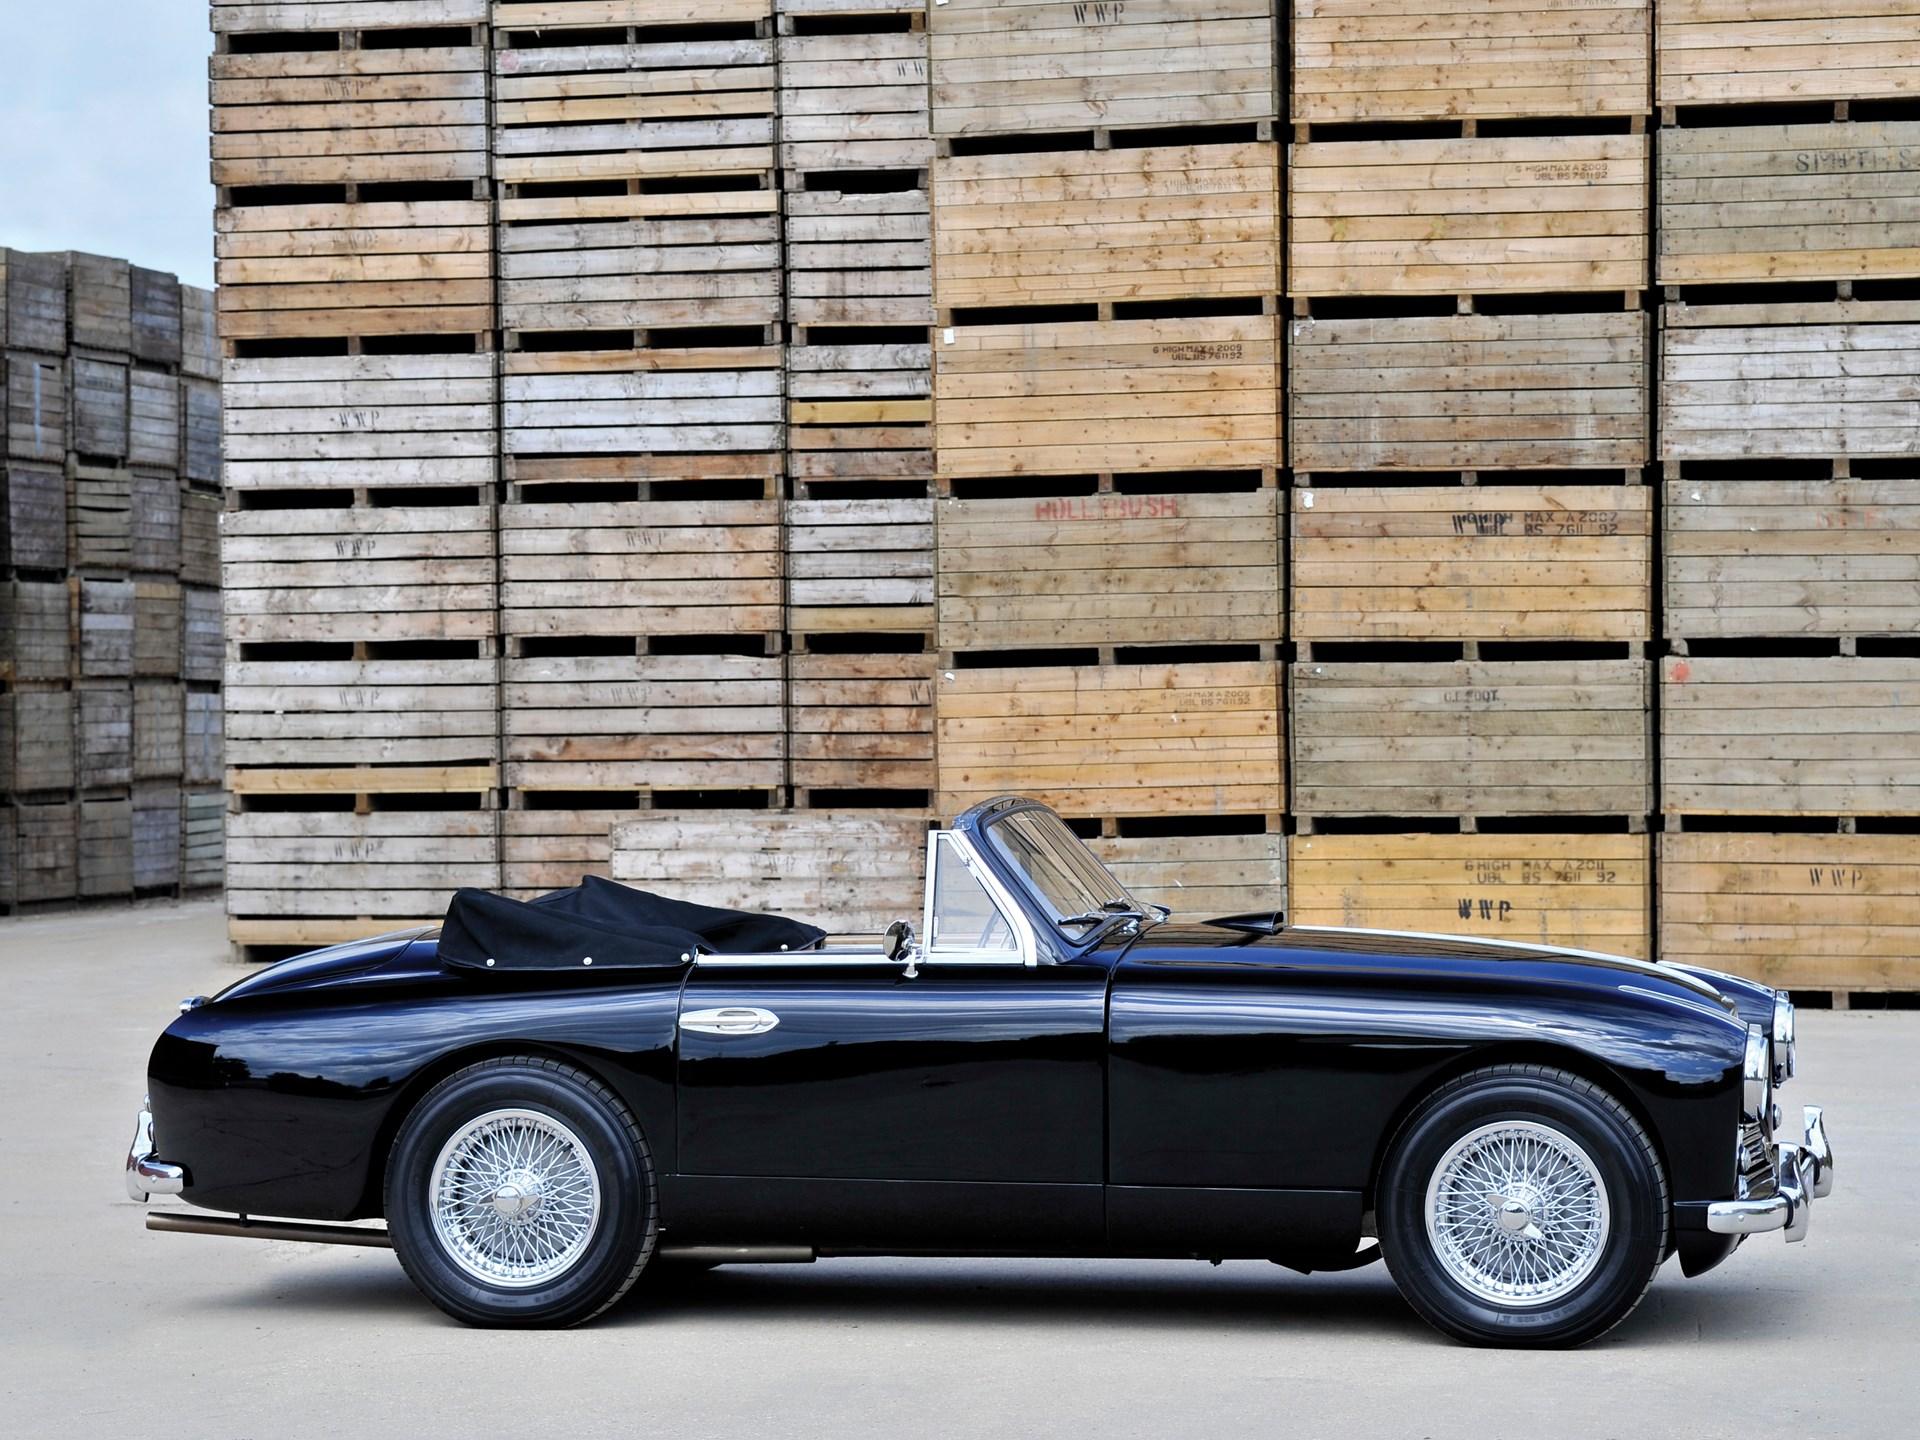 1954 Aston Martin DB2/4 Drophead Coupé